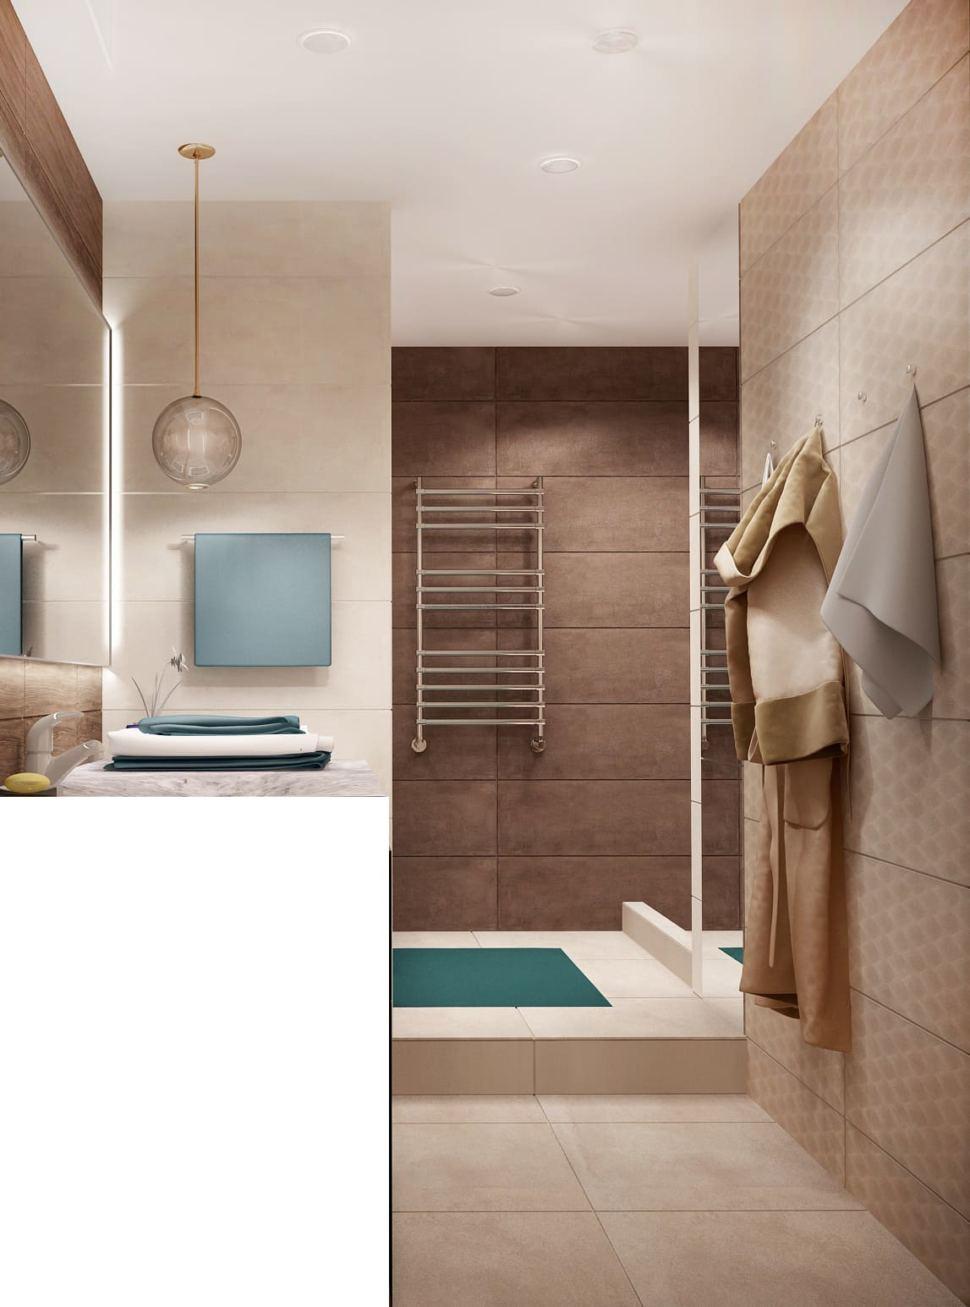 Визуализация ванной 7 кв.м в древесных тонах с бежевыми оттенками, зеркало, бежевая тумба, сушилка, раковина, подвесной светильник, ванная